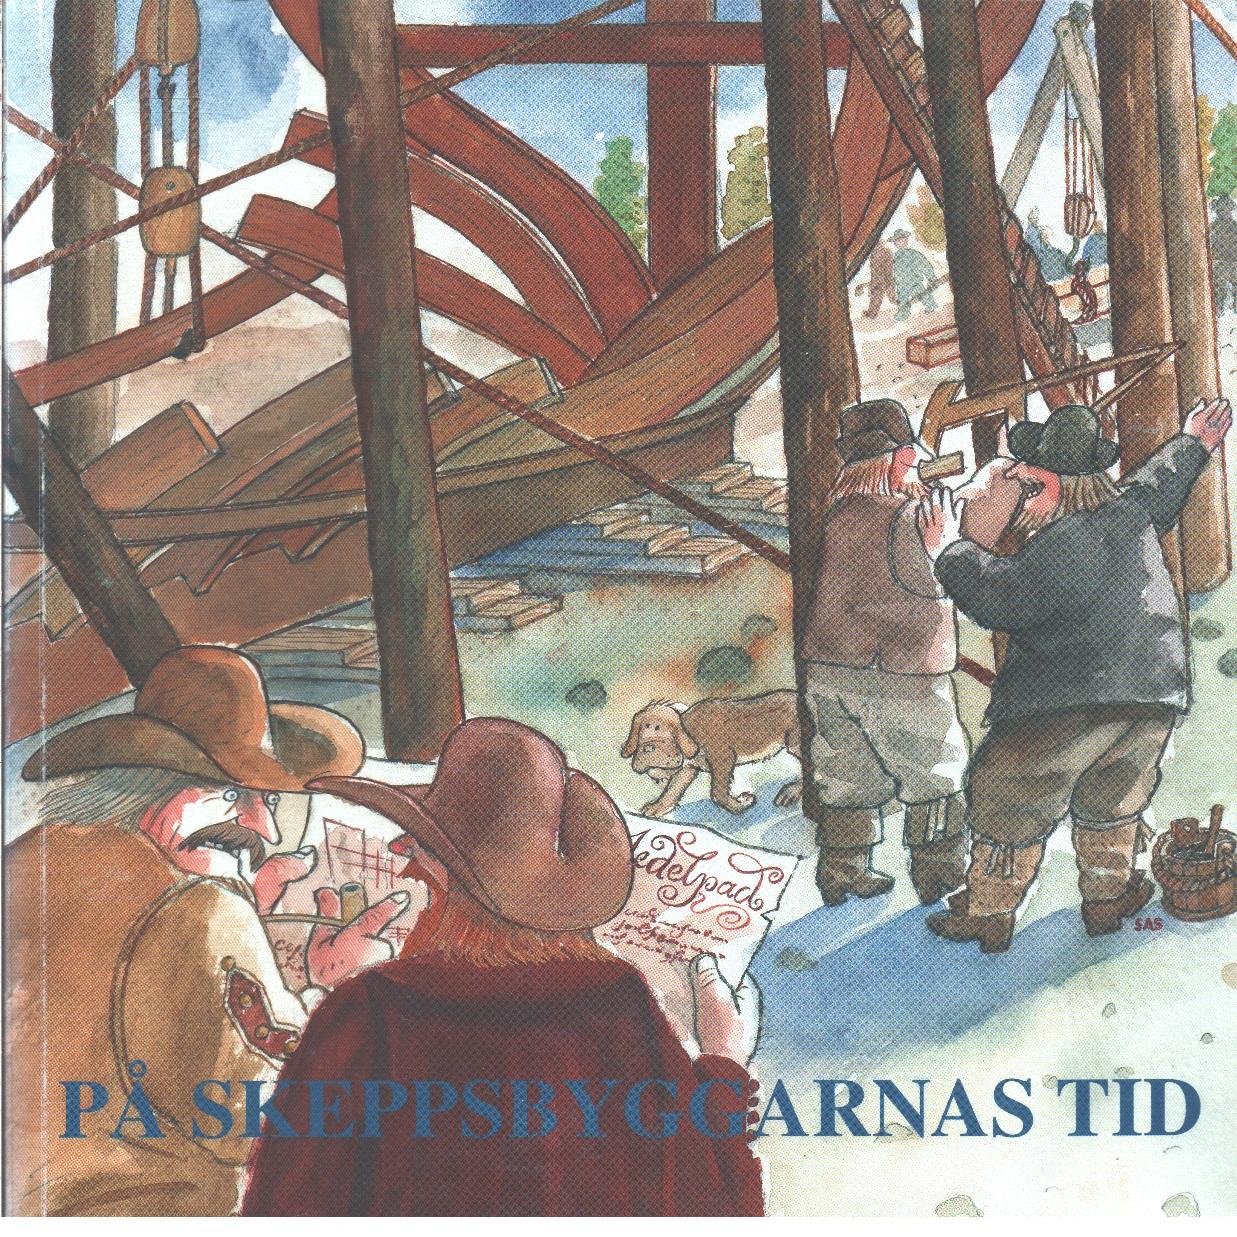 På skeppsbyggarnas tid  - Höglund, Helge